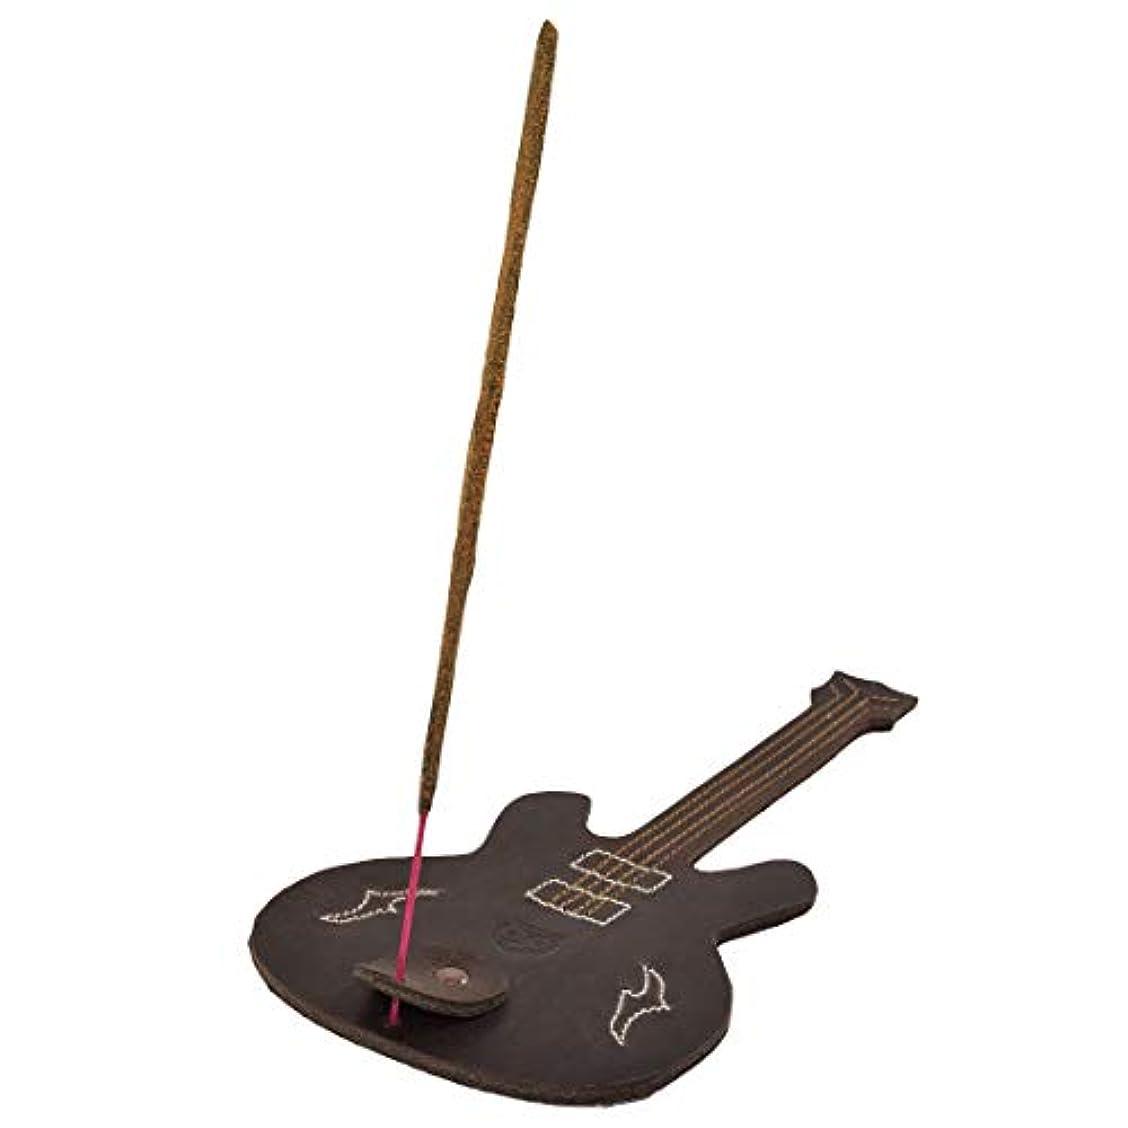 真面目なポータブル治安判事Hide & Drink厚レザーギター形状Incense Burnerスティックホルダーwith Ashキャッチャー手作りでBourbonブラウン